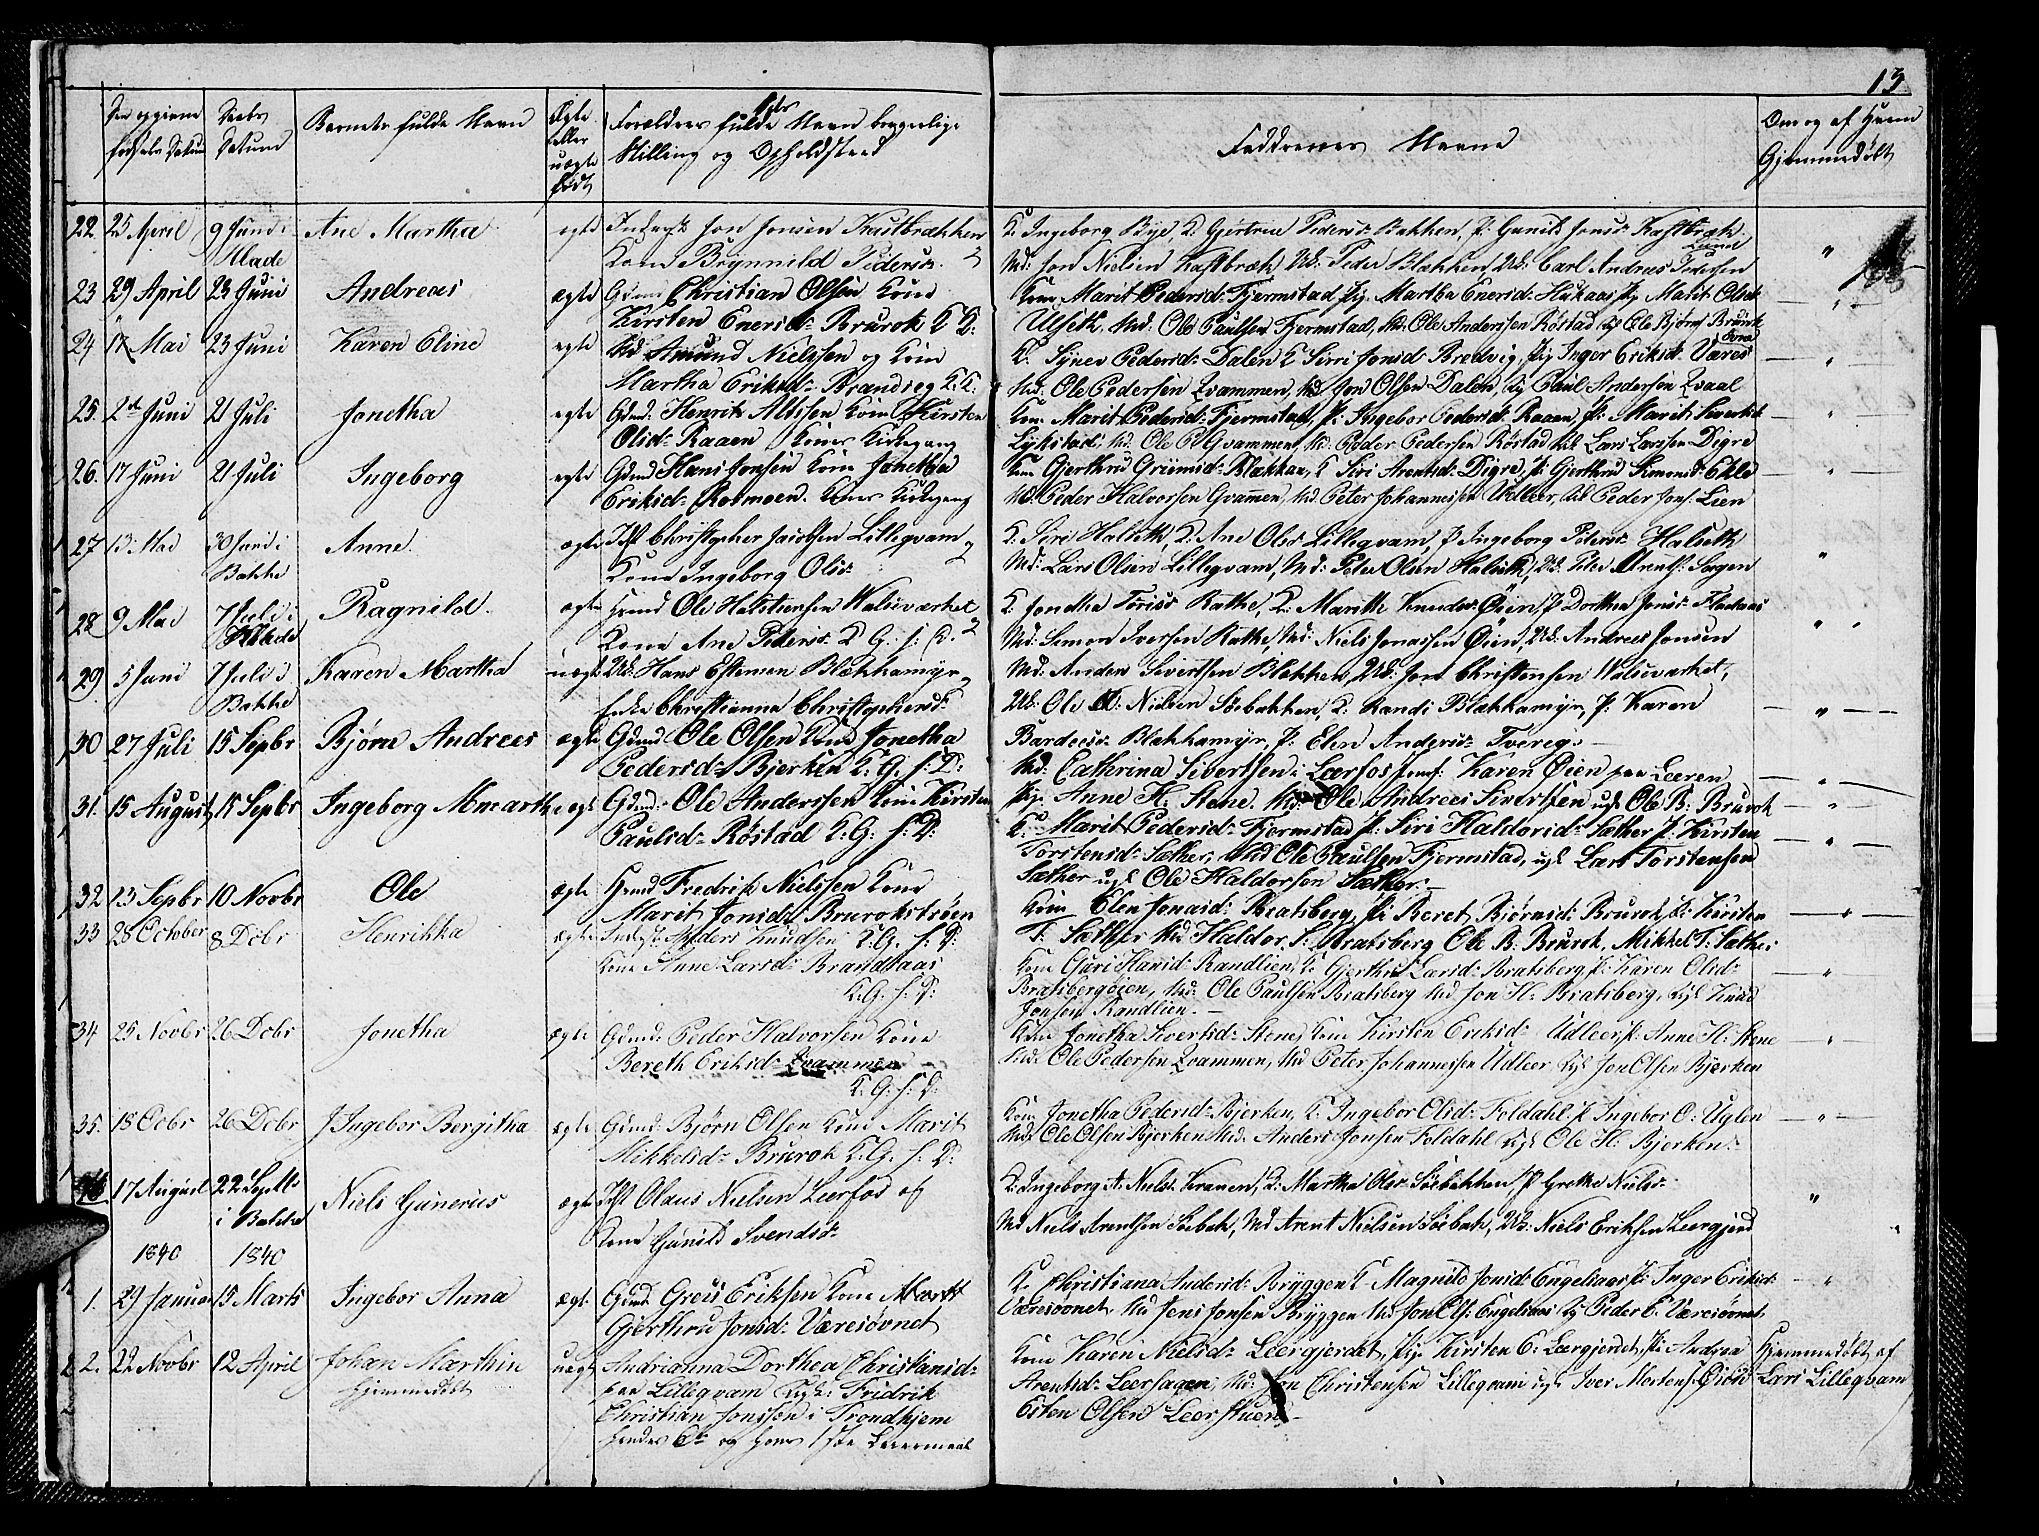 SAT, Ministerialprotokoller, klokkerbøker og fødselsregistre - Sør-Trøndelag, 608/L0338: Klokkerbok nr. 608C04, 1831-1843, s. 13